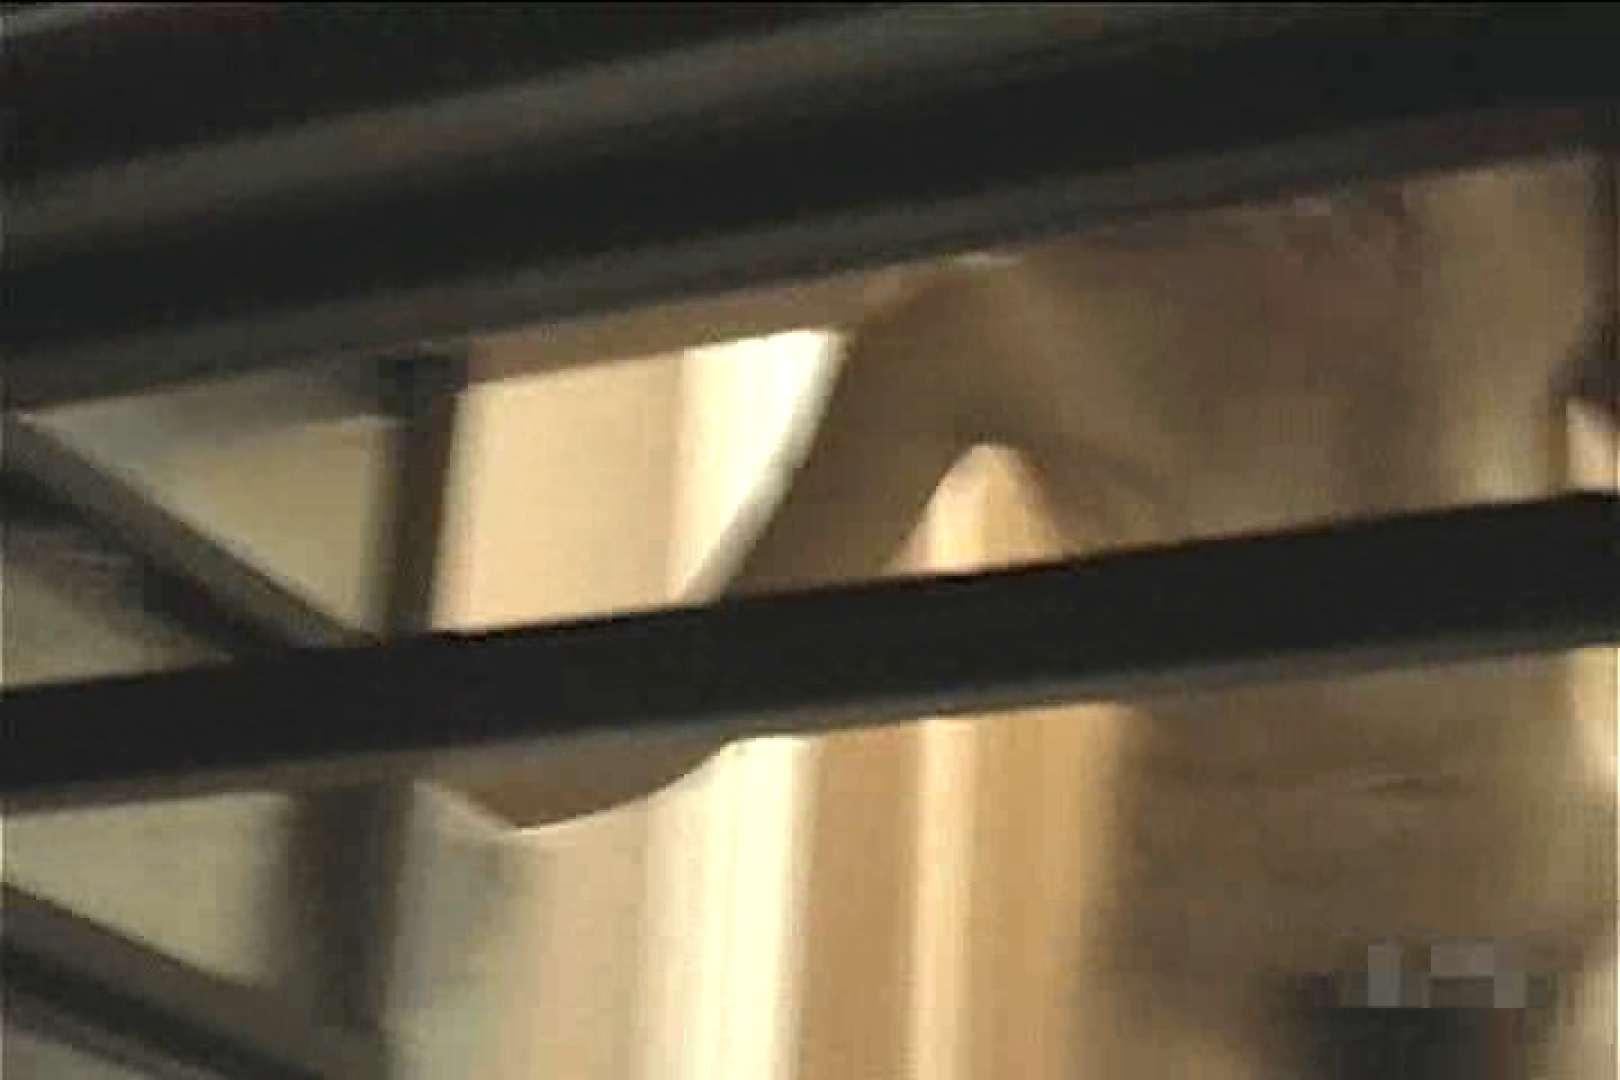 激撮ストーカー記録あなたのお宅拝見しますVol.8 盗撮特集 のぞき動画キャプチャ 96画像 69